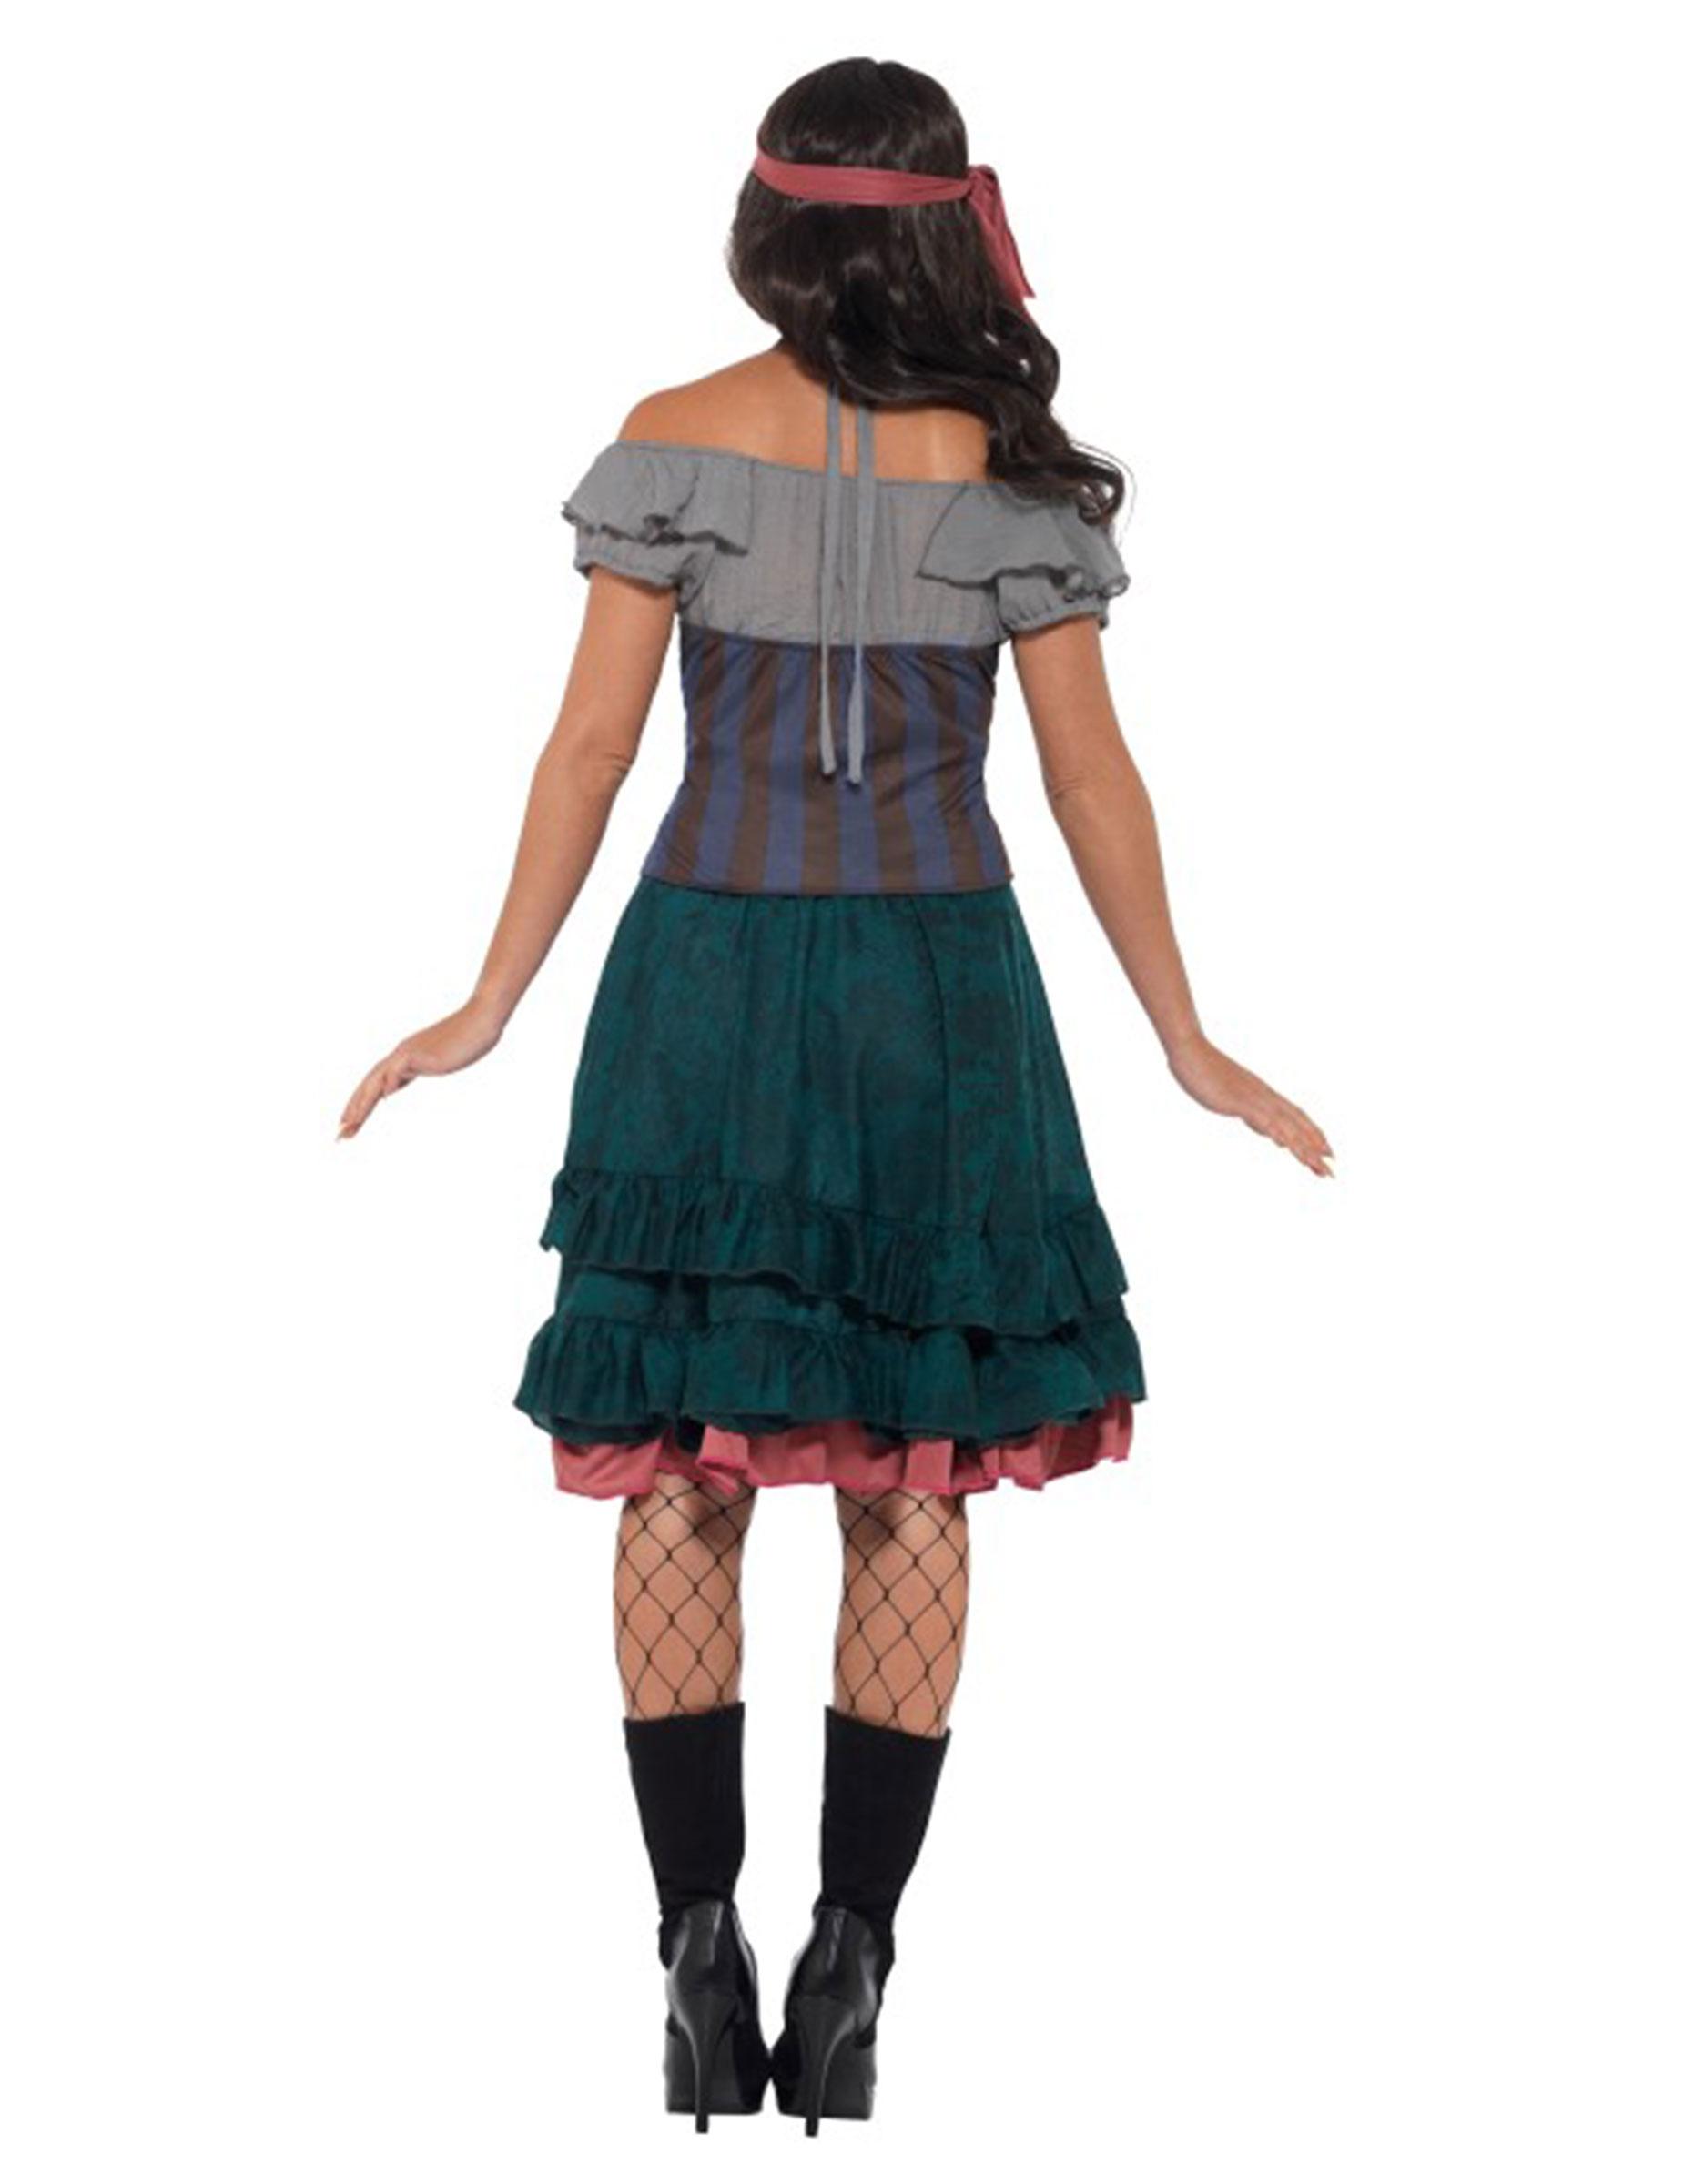 Deguisement Matelot Pirate Femme